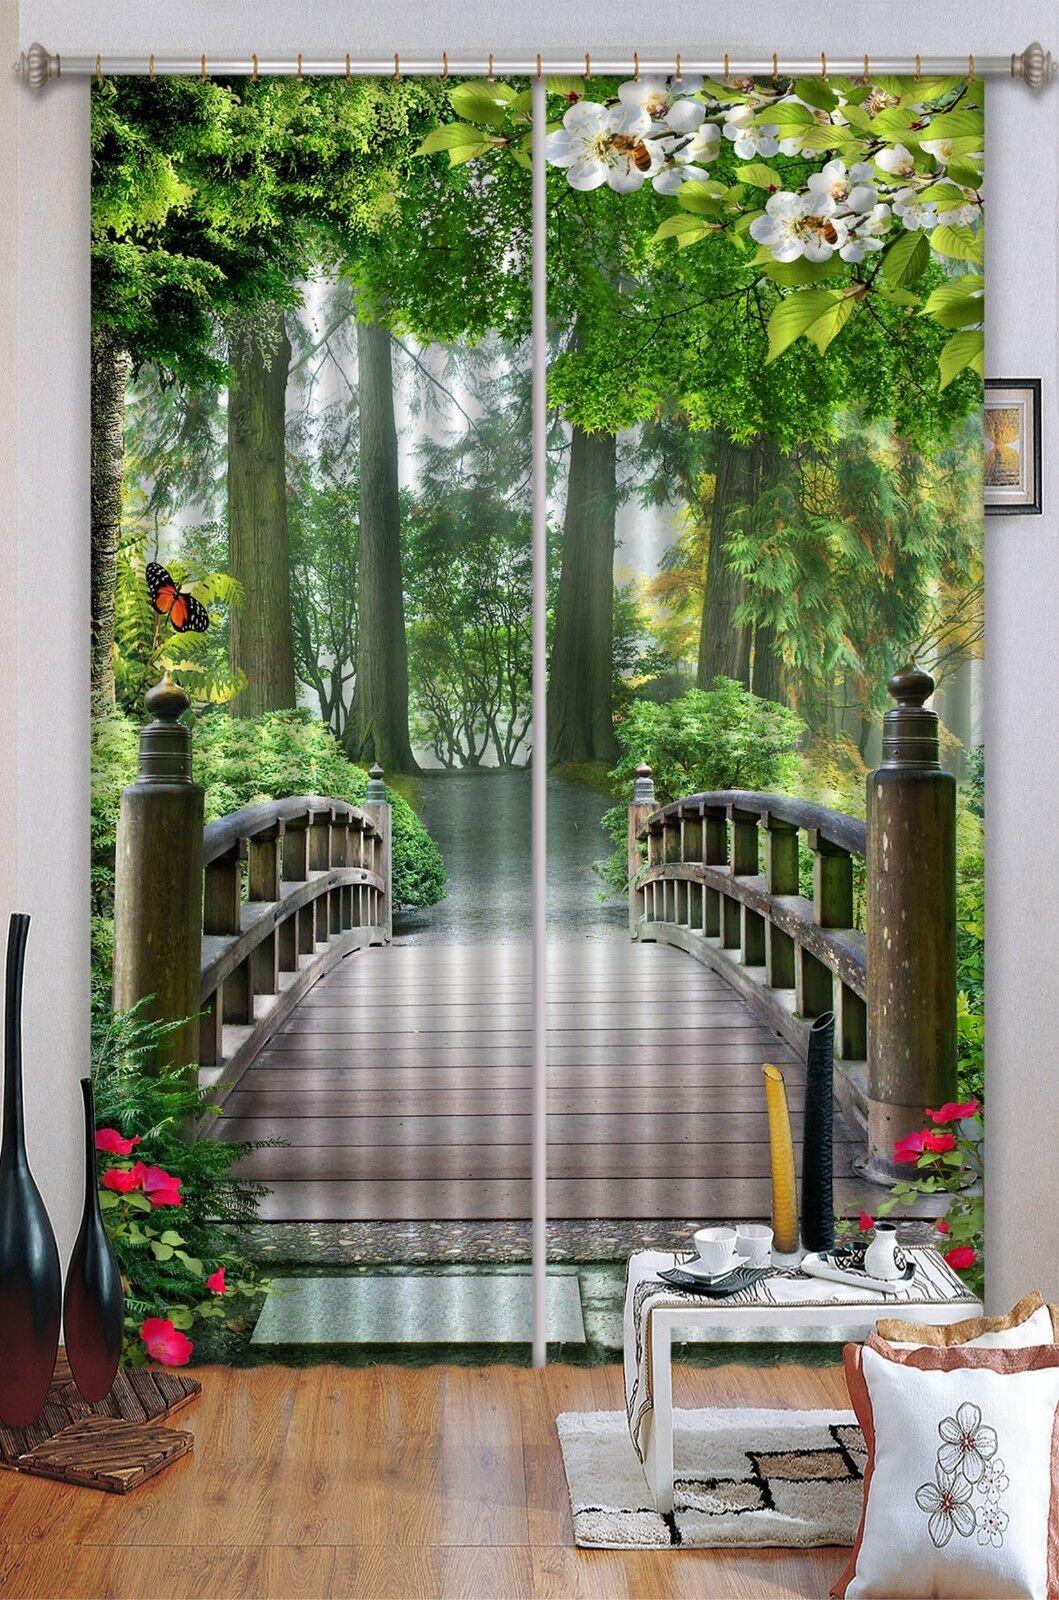 Puente de 3D 703 Cortinas de impresión de cortina de foto Blockout Tela Cortinas Ventana au